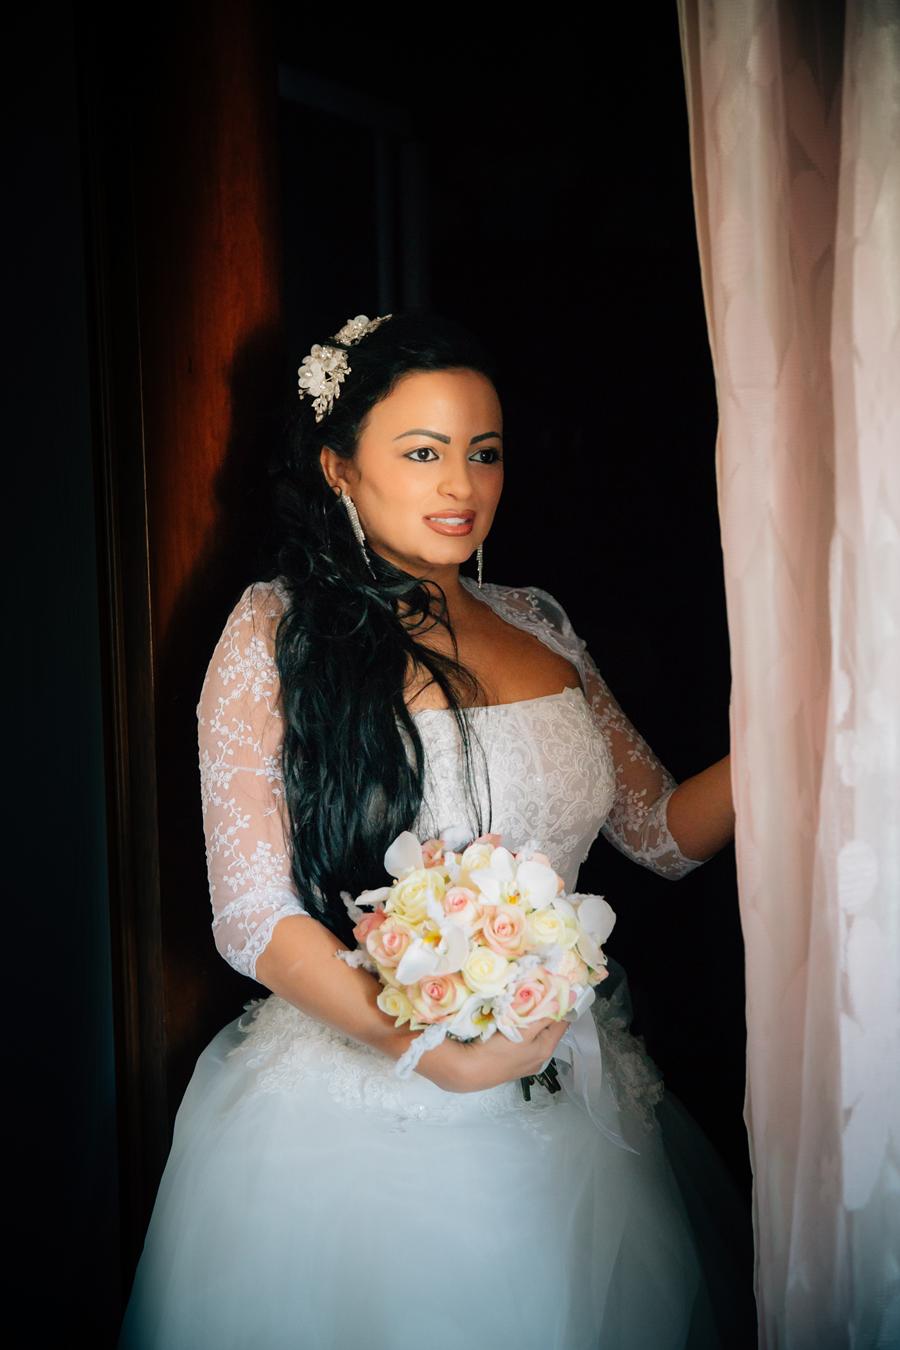 Weddingdestination-Storytelling-Renato-Zanette-Fotografo-Fregona-Treviso-Veneto-Luce_di_Dicembre